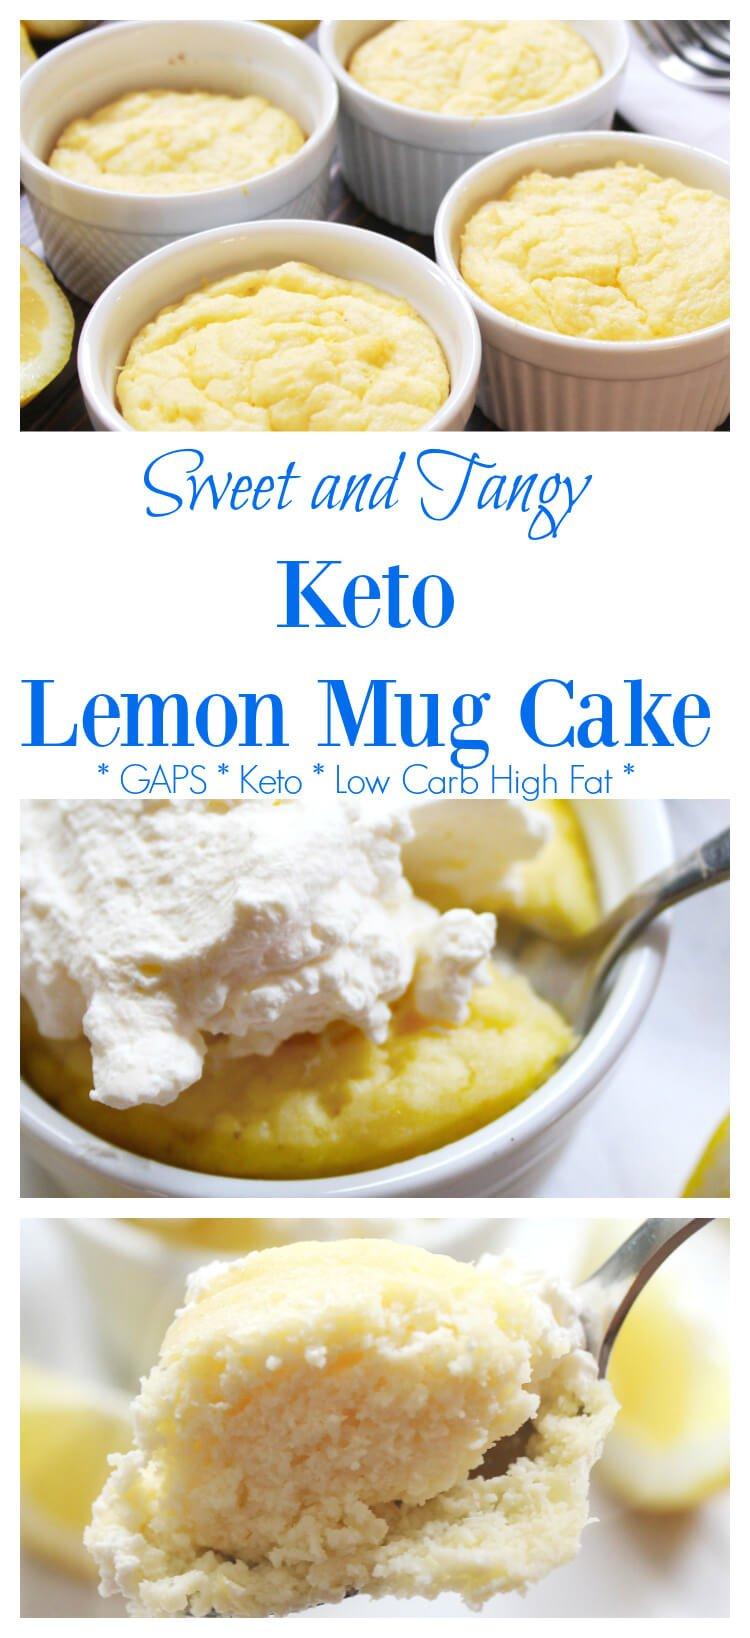 Lemon Coconut Cake Taste Of Home Recipes